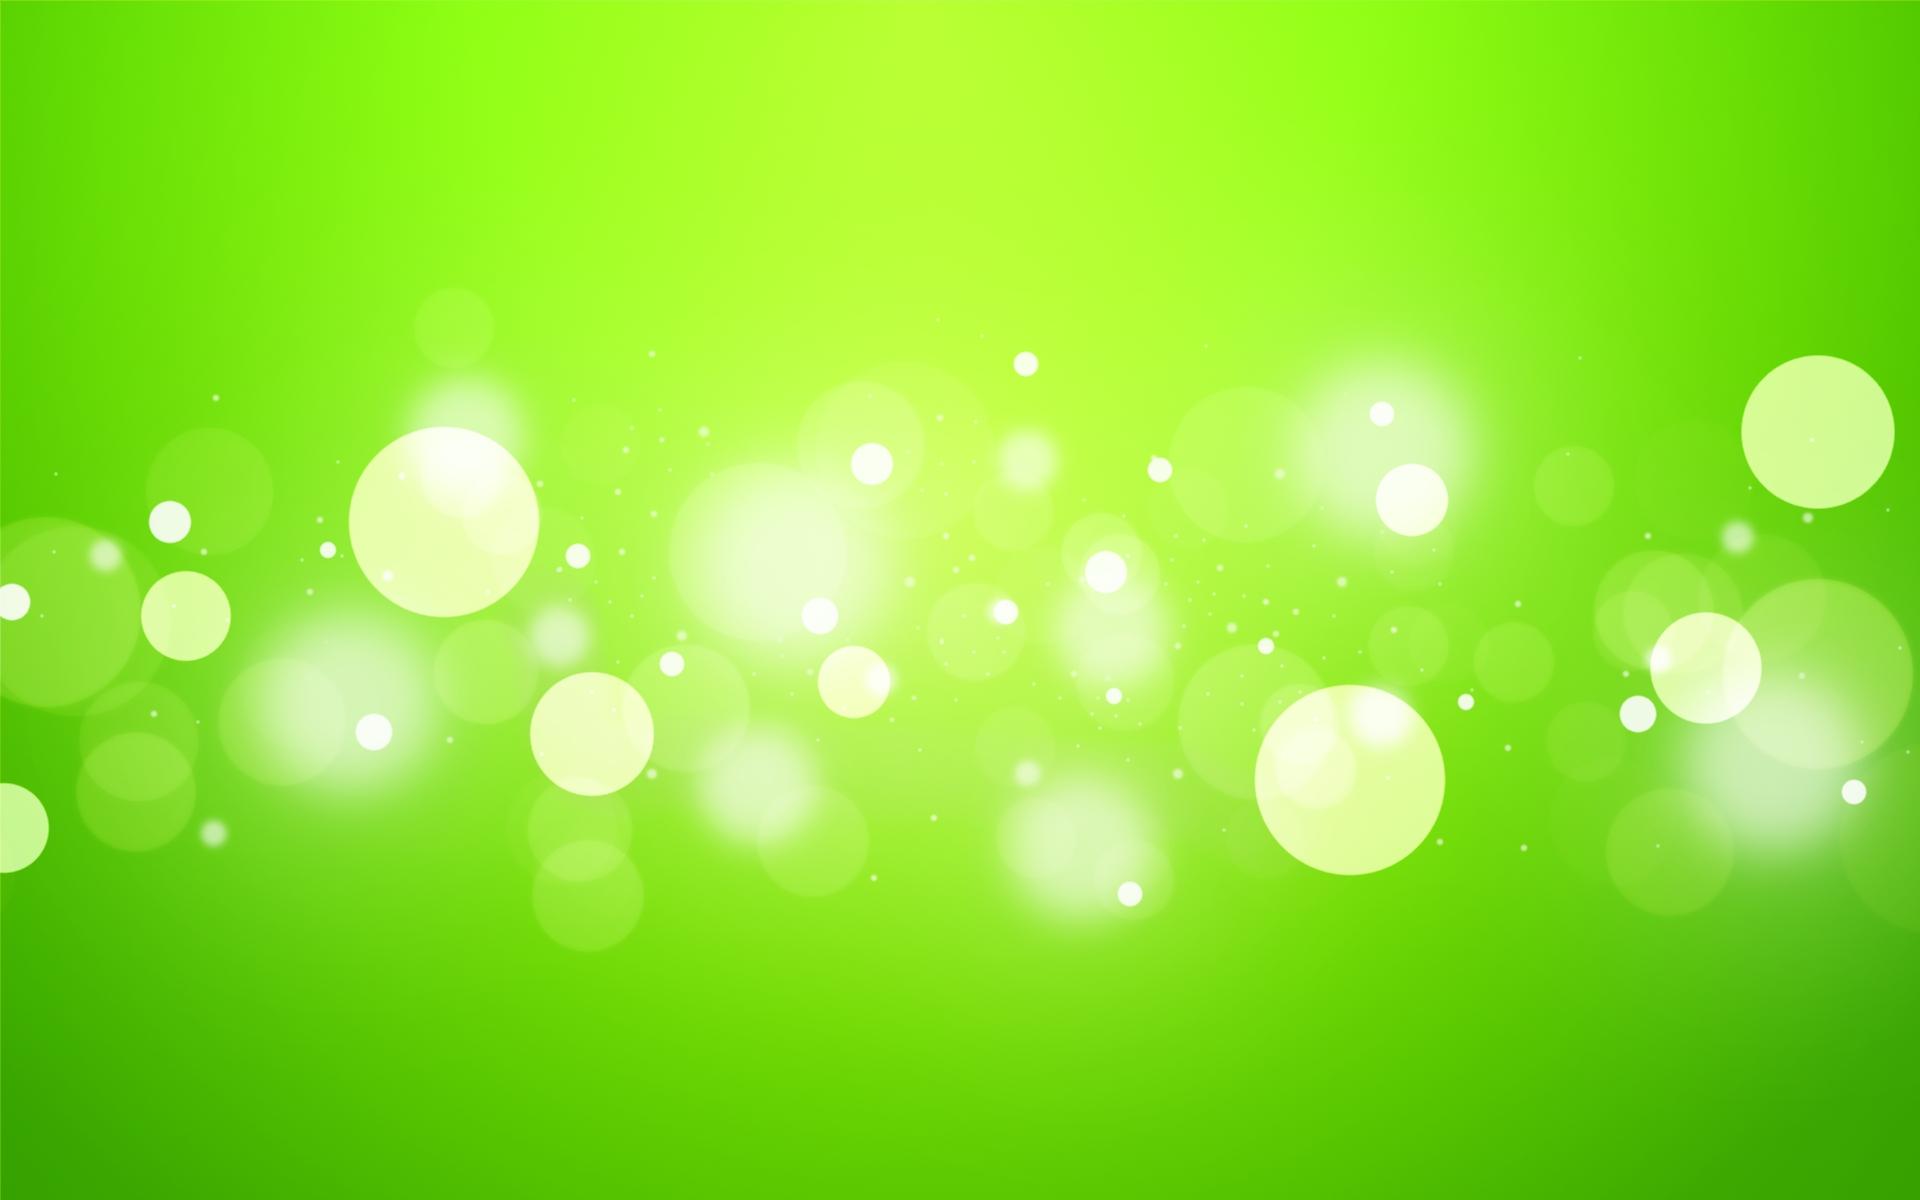 Wallpaper Glare White Green 1920x1200